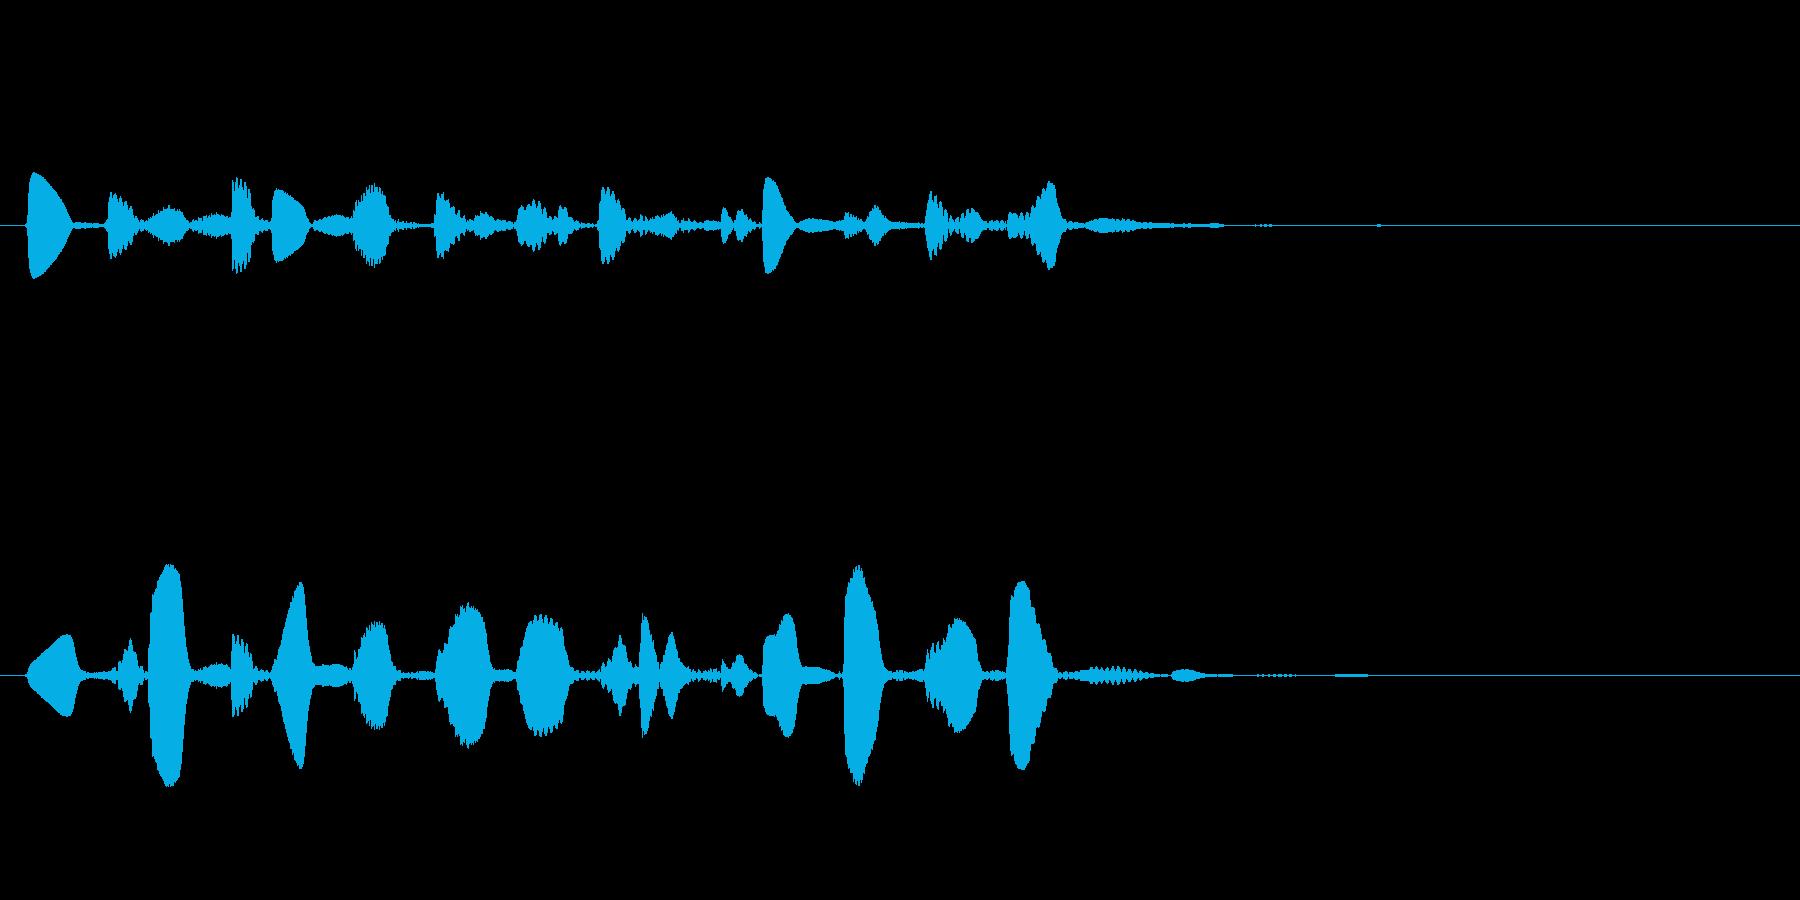 ドラマやアニメの場面転換の音の再生済みの波形